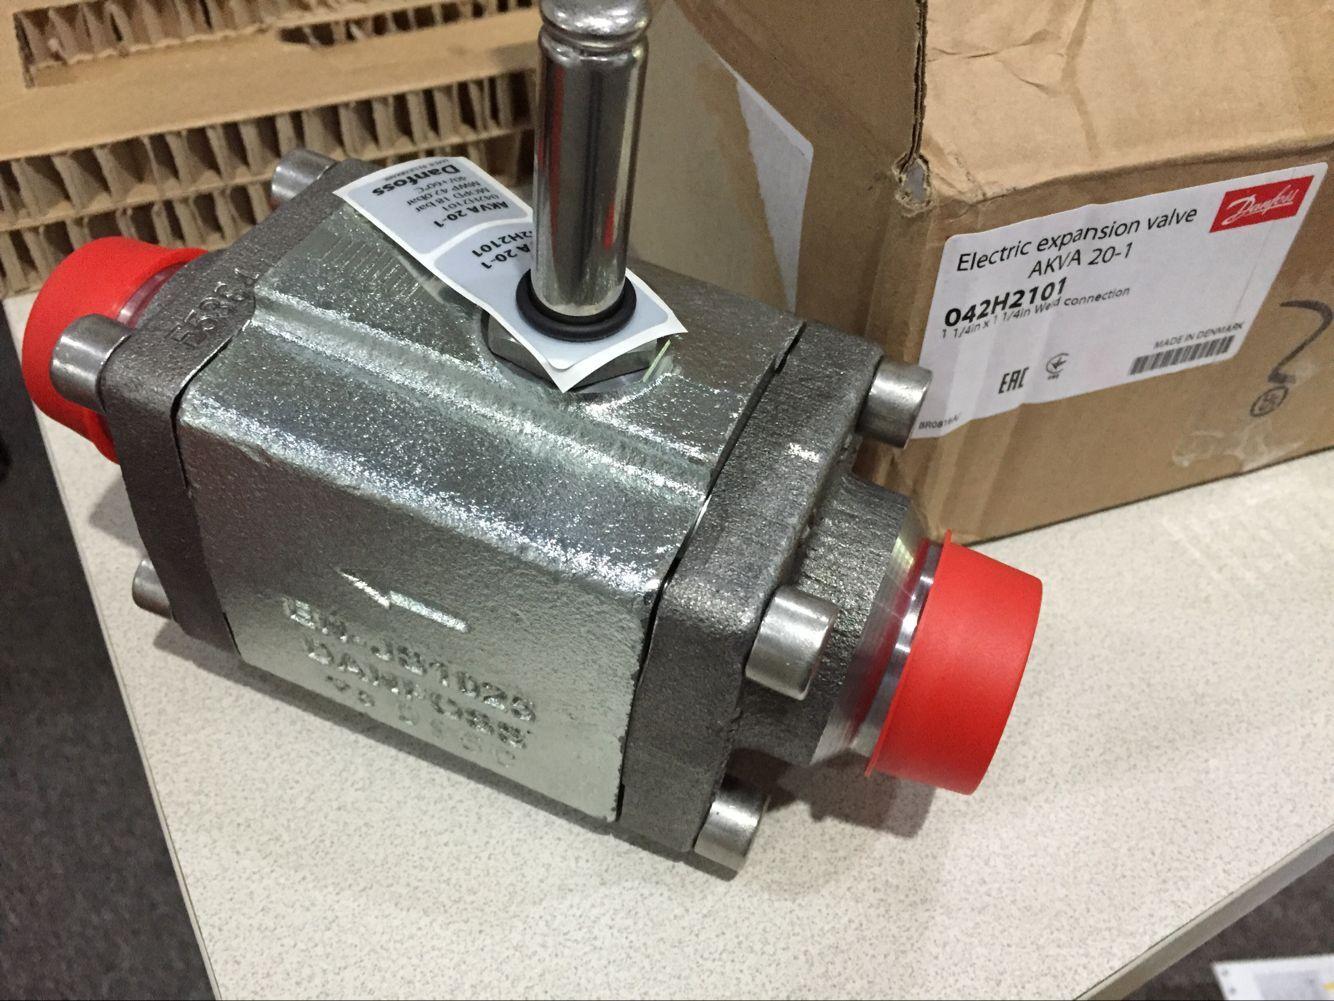 丹佛斯电子膨胀阀akva15-1/akva15-2/3/4型氨用电子膨胀阀图片